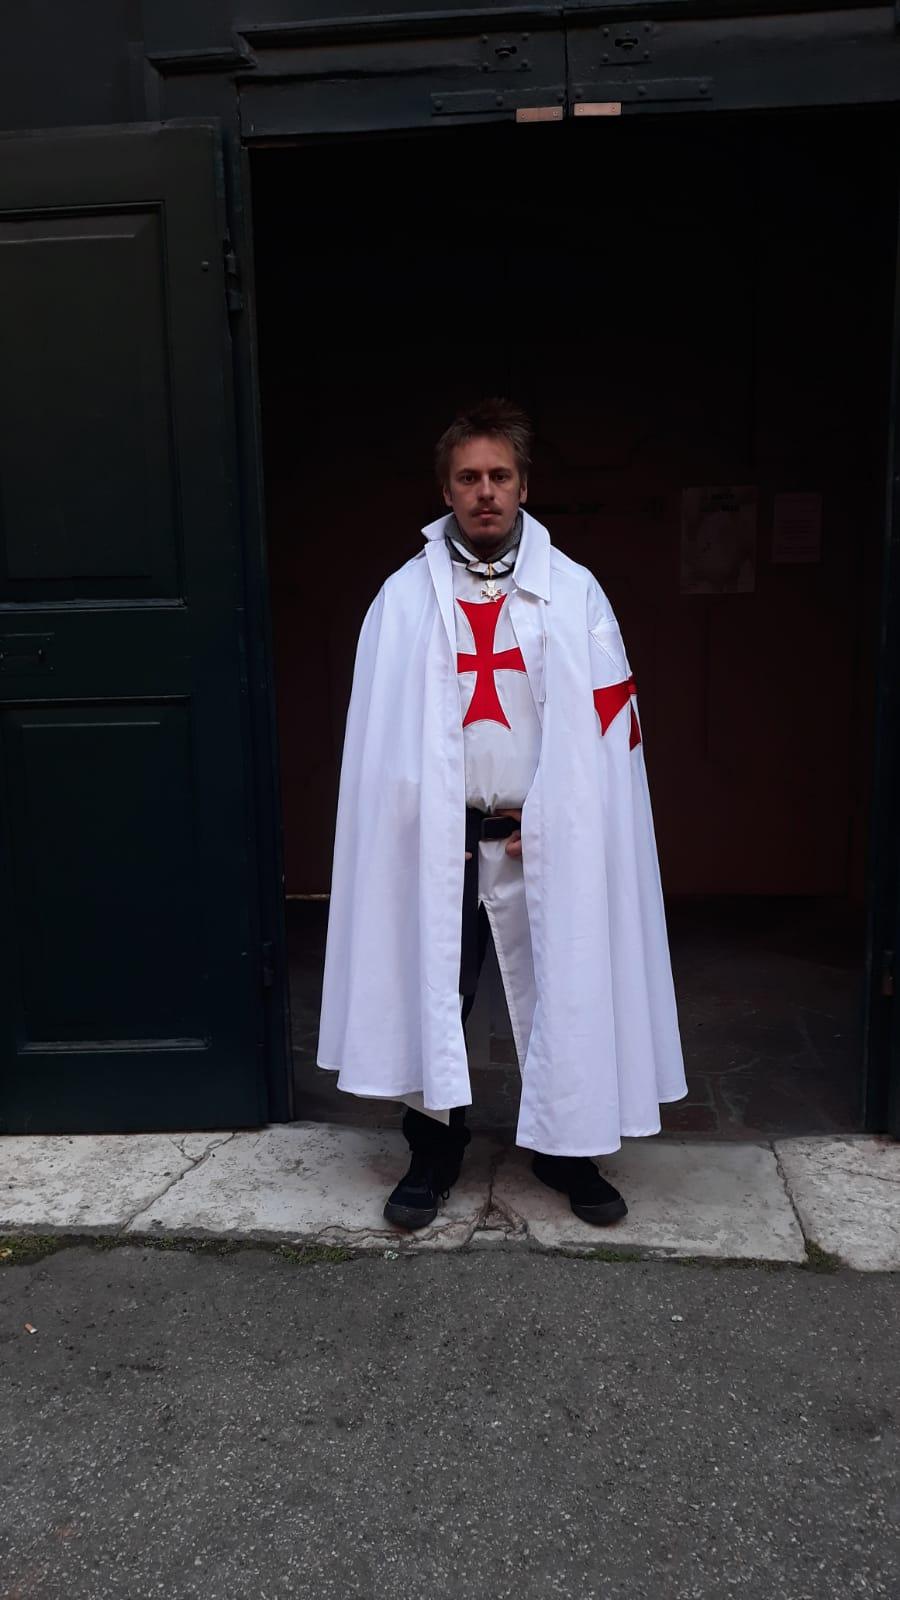 Turno di custodia e Santa Messa nella Chiesa Ex Monastero San Domenico ad Imola (BO) 25.12.2019